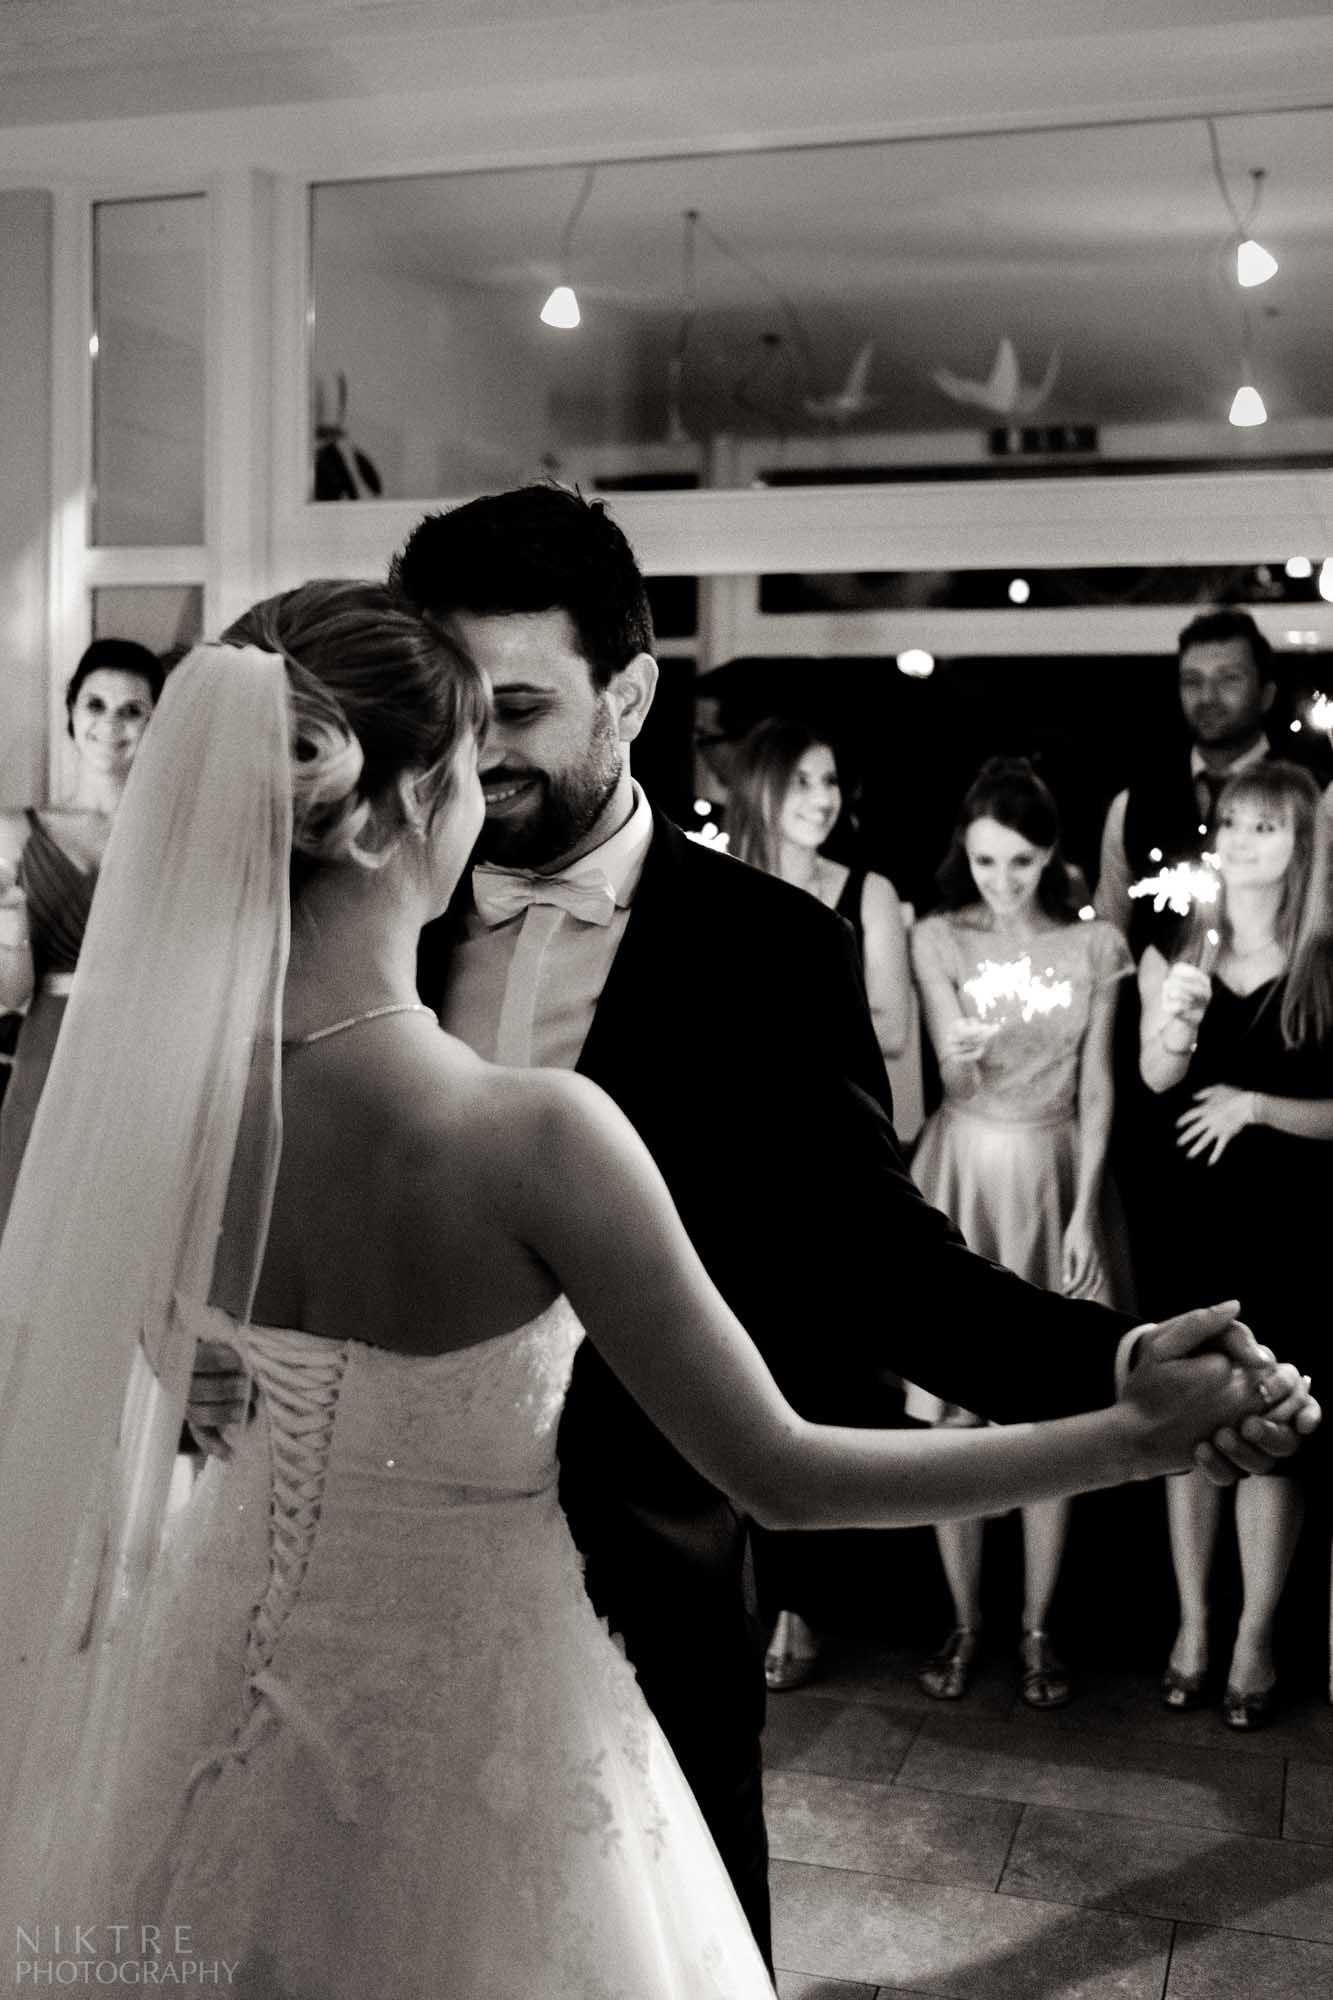 Stimmungsvolle Momentaufnahme des tanzenden Brautpaares mit begeisterten Gästen